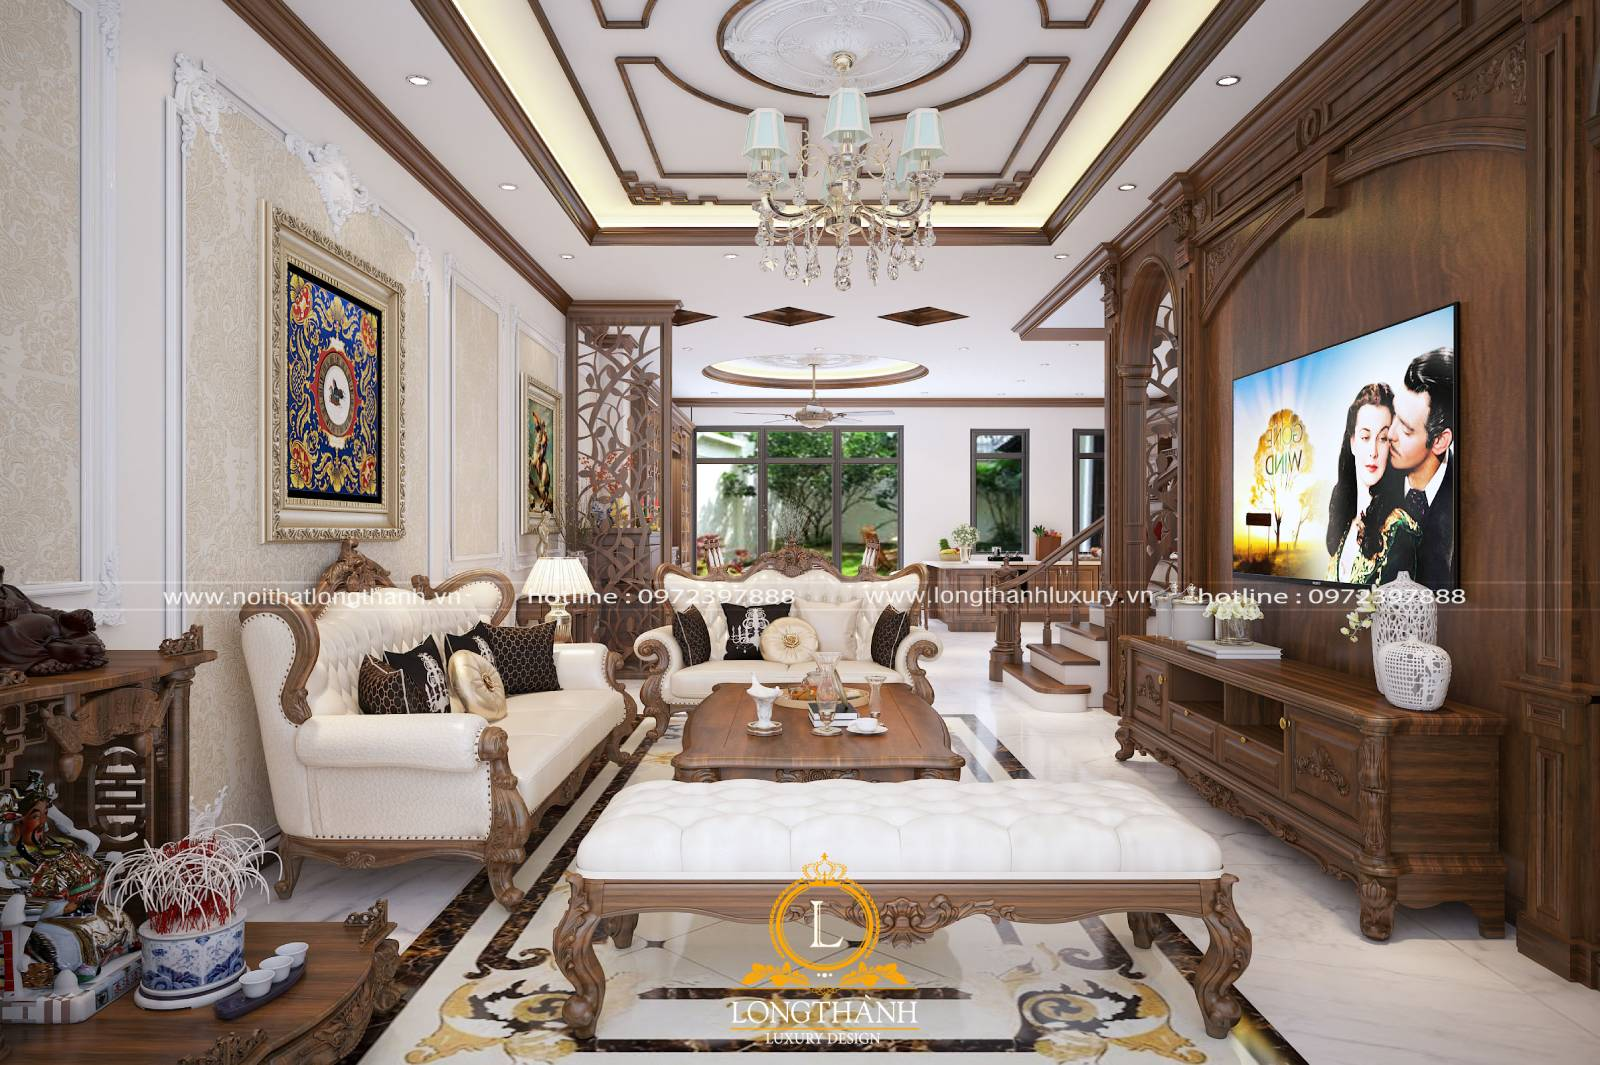 Thiết kế phòng khách liền phòng ăn mang lại sự tiện lợi thoải mái